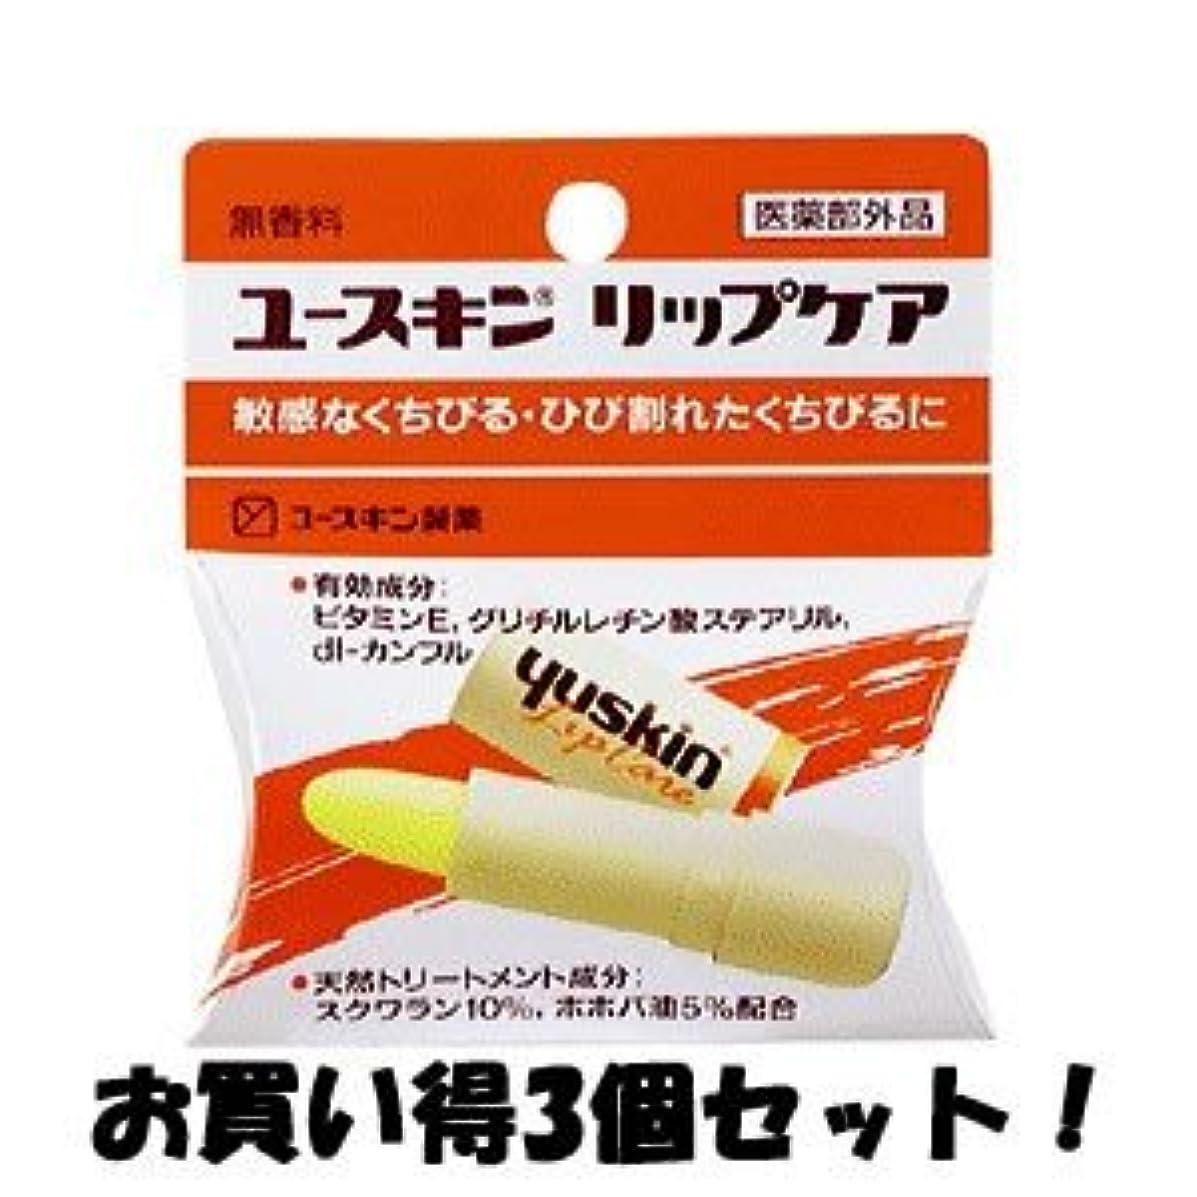 熟練した最悪グラマー(ユースキン製薬)ユースキン リップケア 3.5g(医薬部外品)(お買い得3個セット)